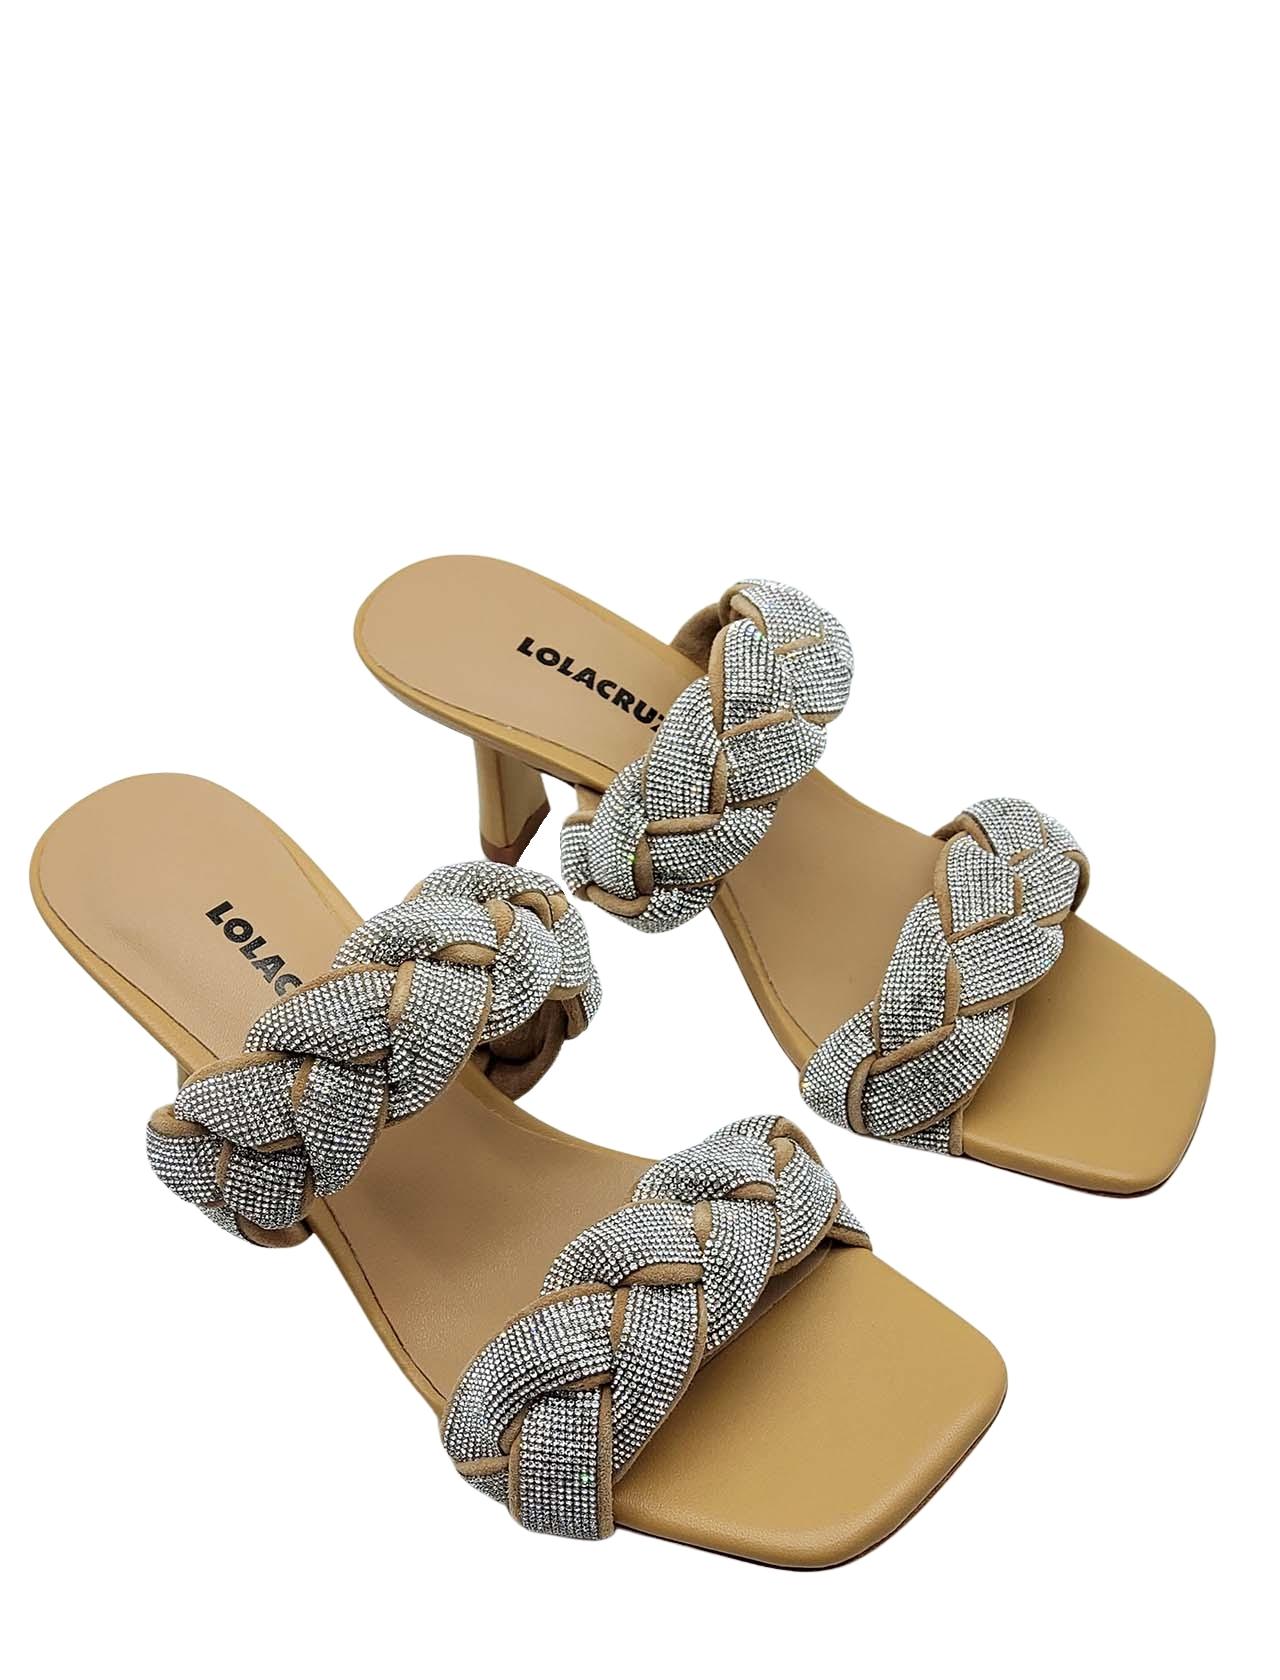 Calzature Donna Sandalo in Pelle Camel con Doppia Treccia di Strass e Punta Quadra Lola Cruz | Sandali | 051Z00BK026